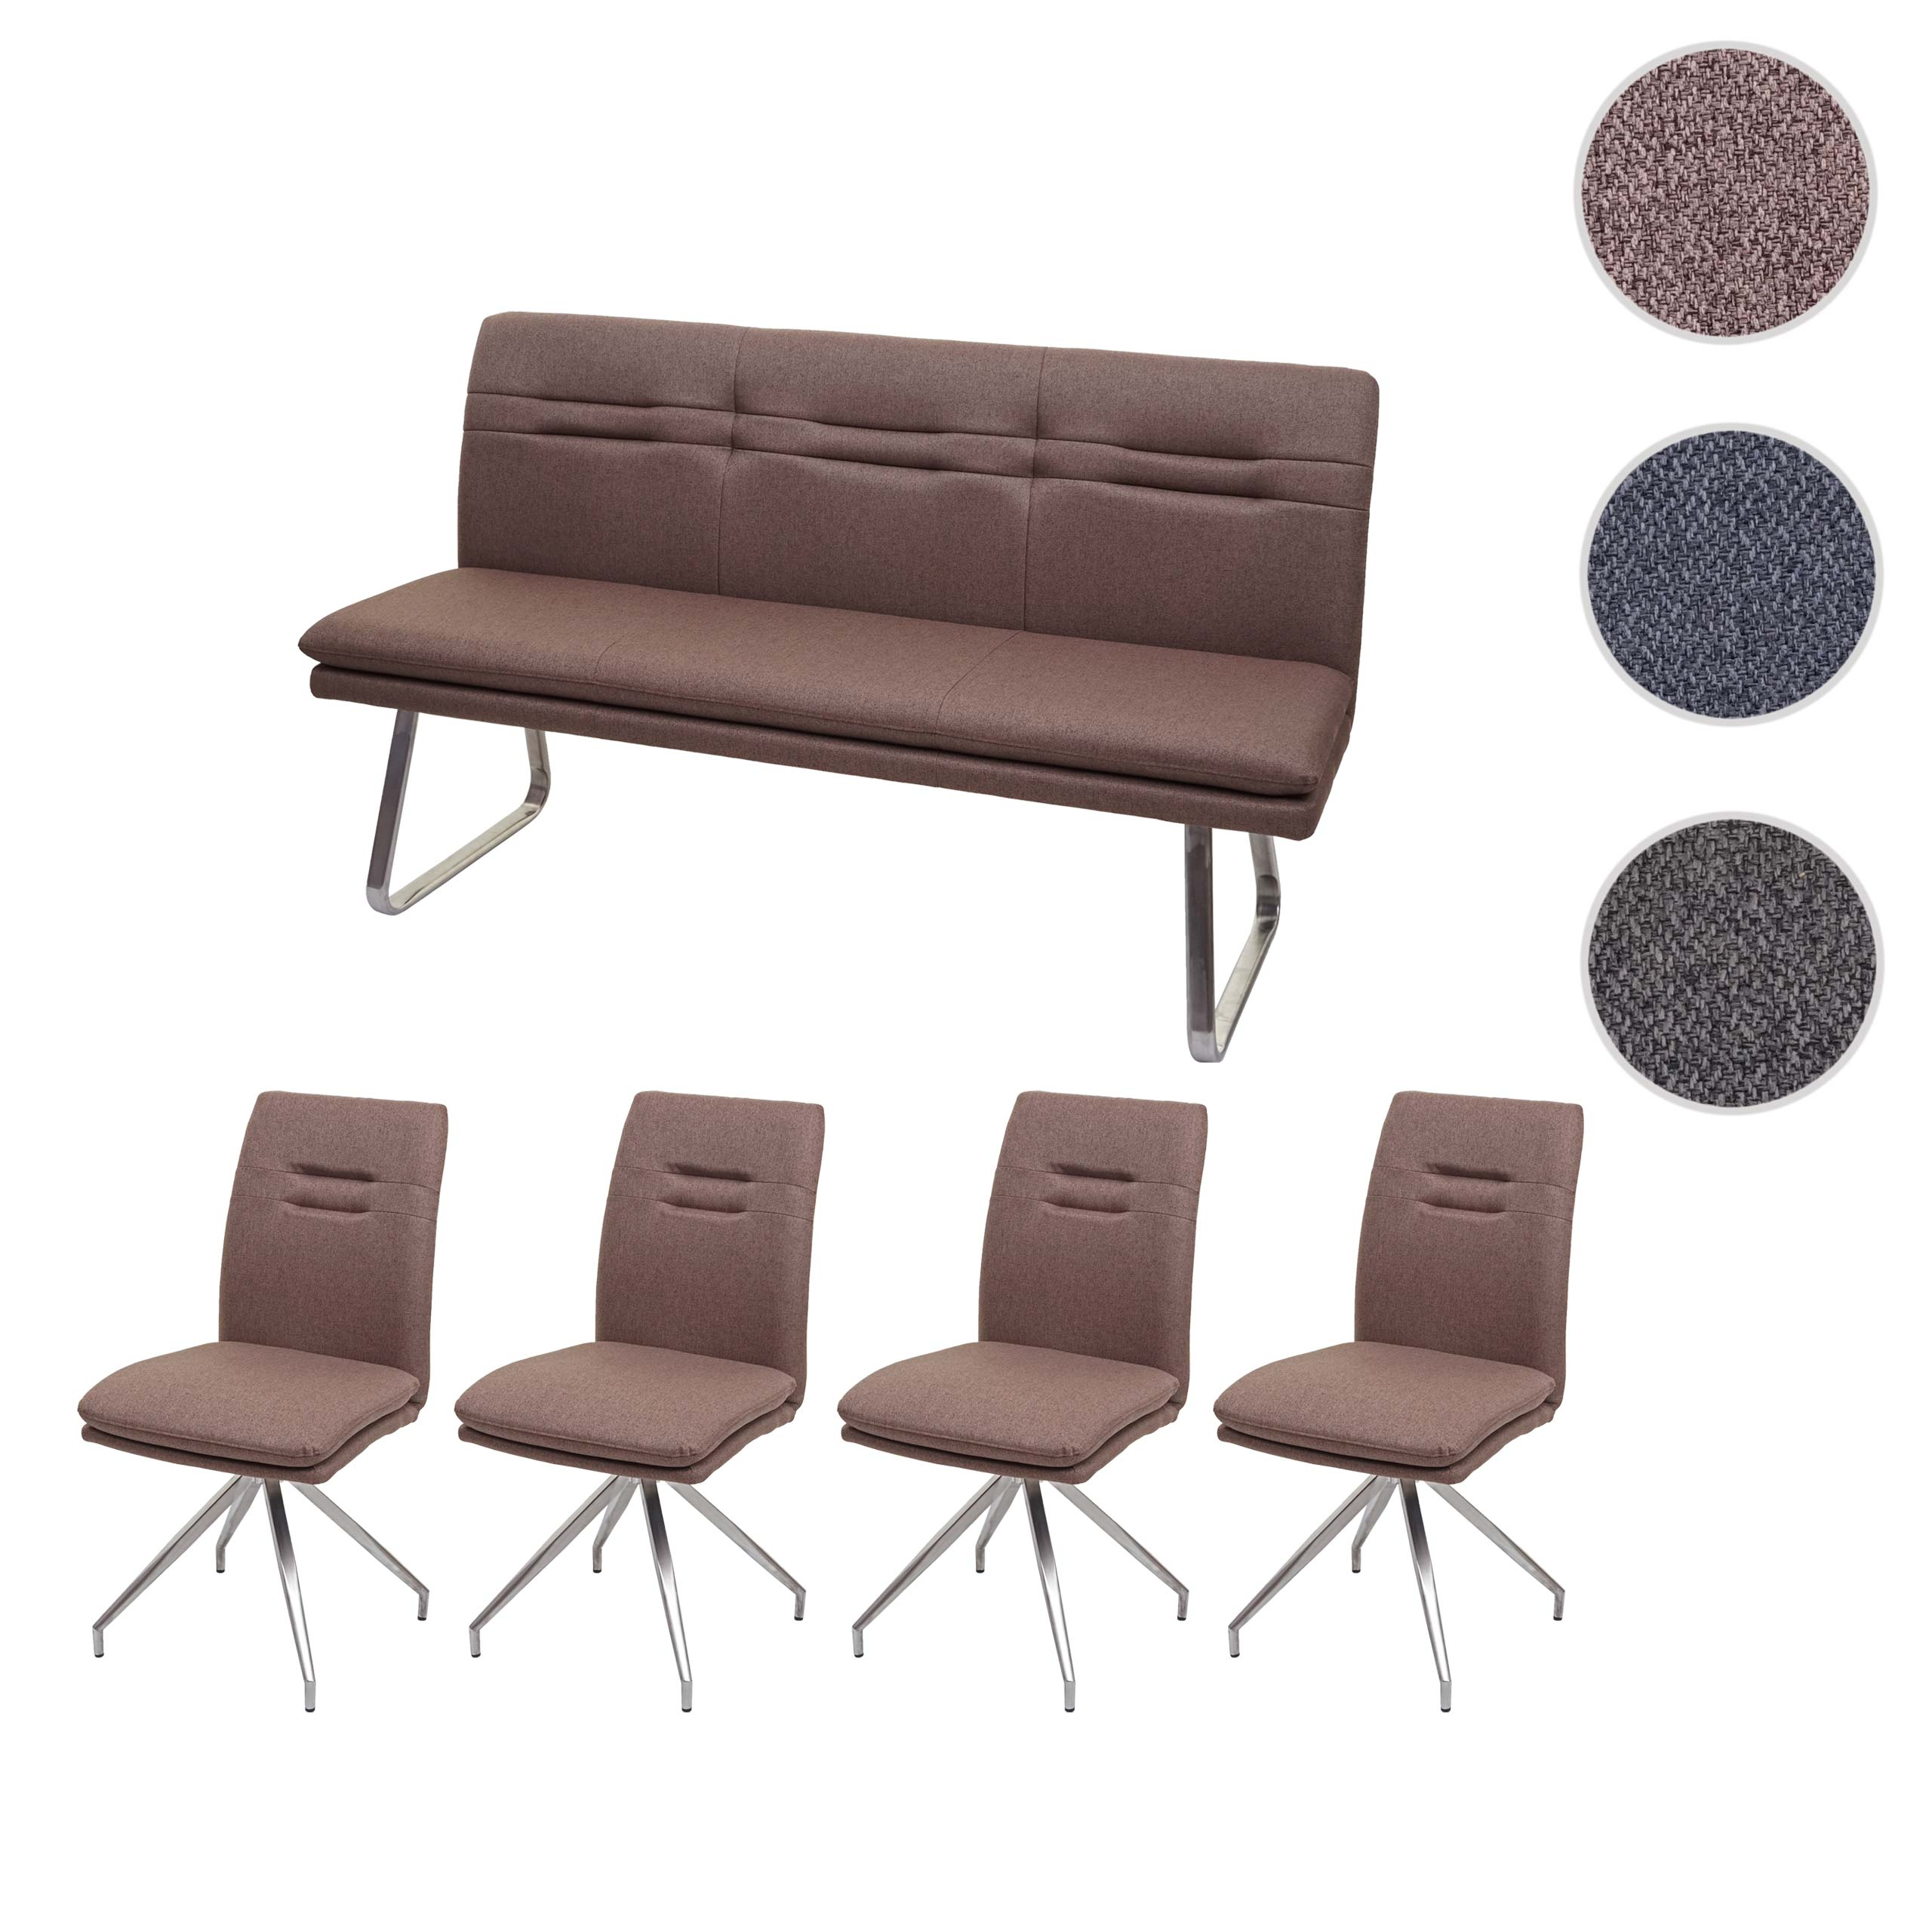 Mendler Esszimmer-Set HWC-H70, Sitzgruppe Esszimmergruppe Esszimmergarnitur, Stoff/Textil Edelstahl gebürste 73911+2x73922